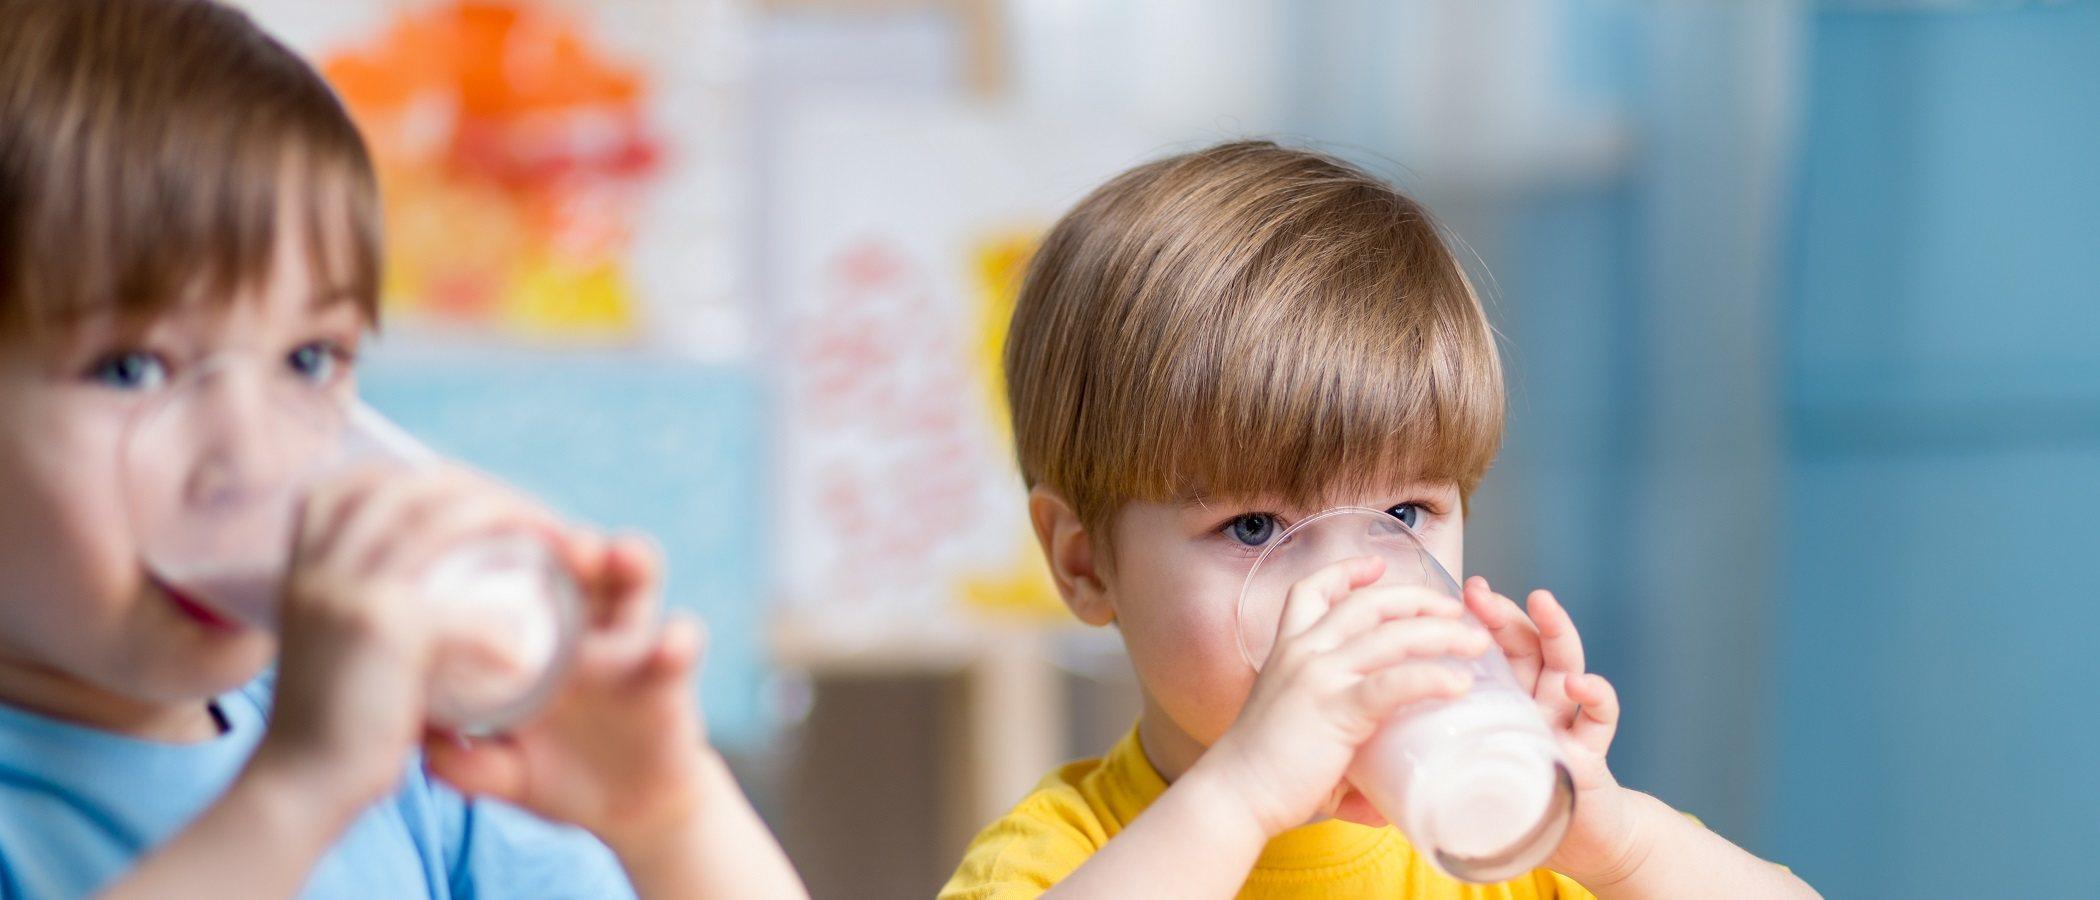 Cuáles son las mejores bebidas para los niños menores de 5 años